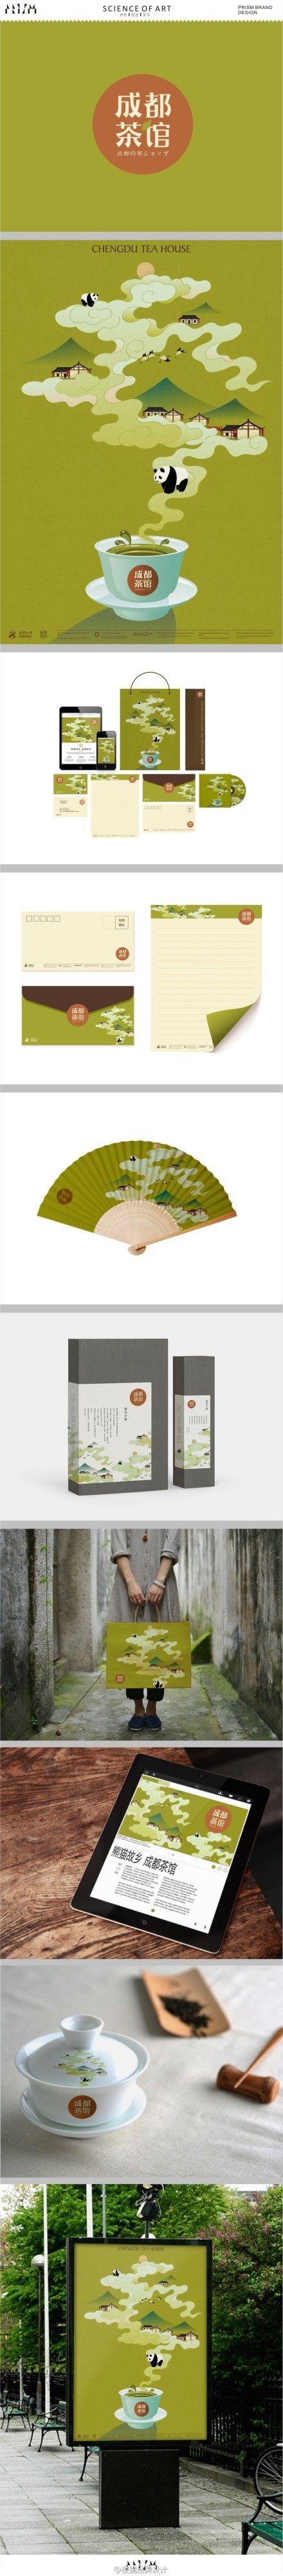 非常不小心采集到设计(861图)_花瓣平面设计. Lovely tea packaging branding PD